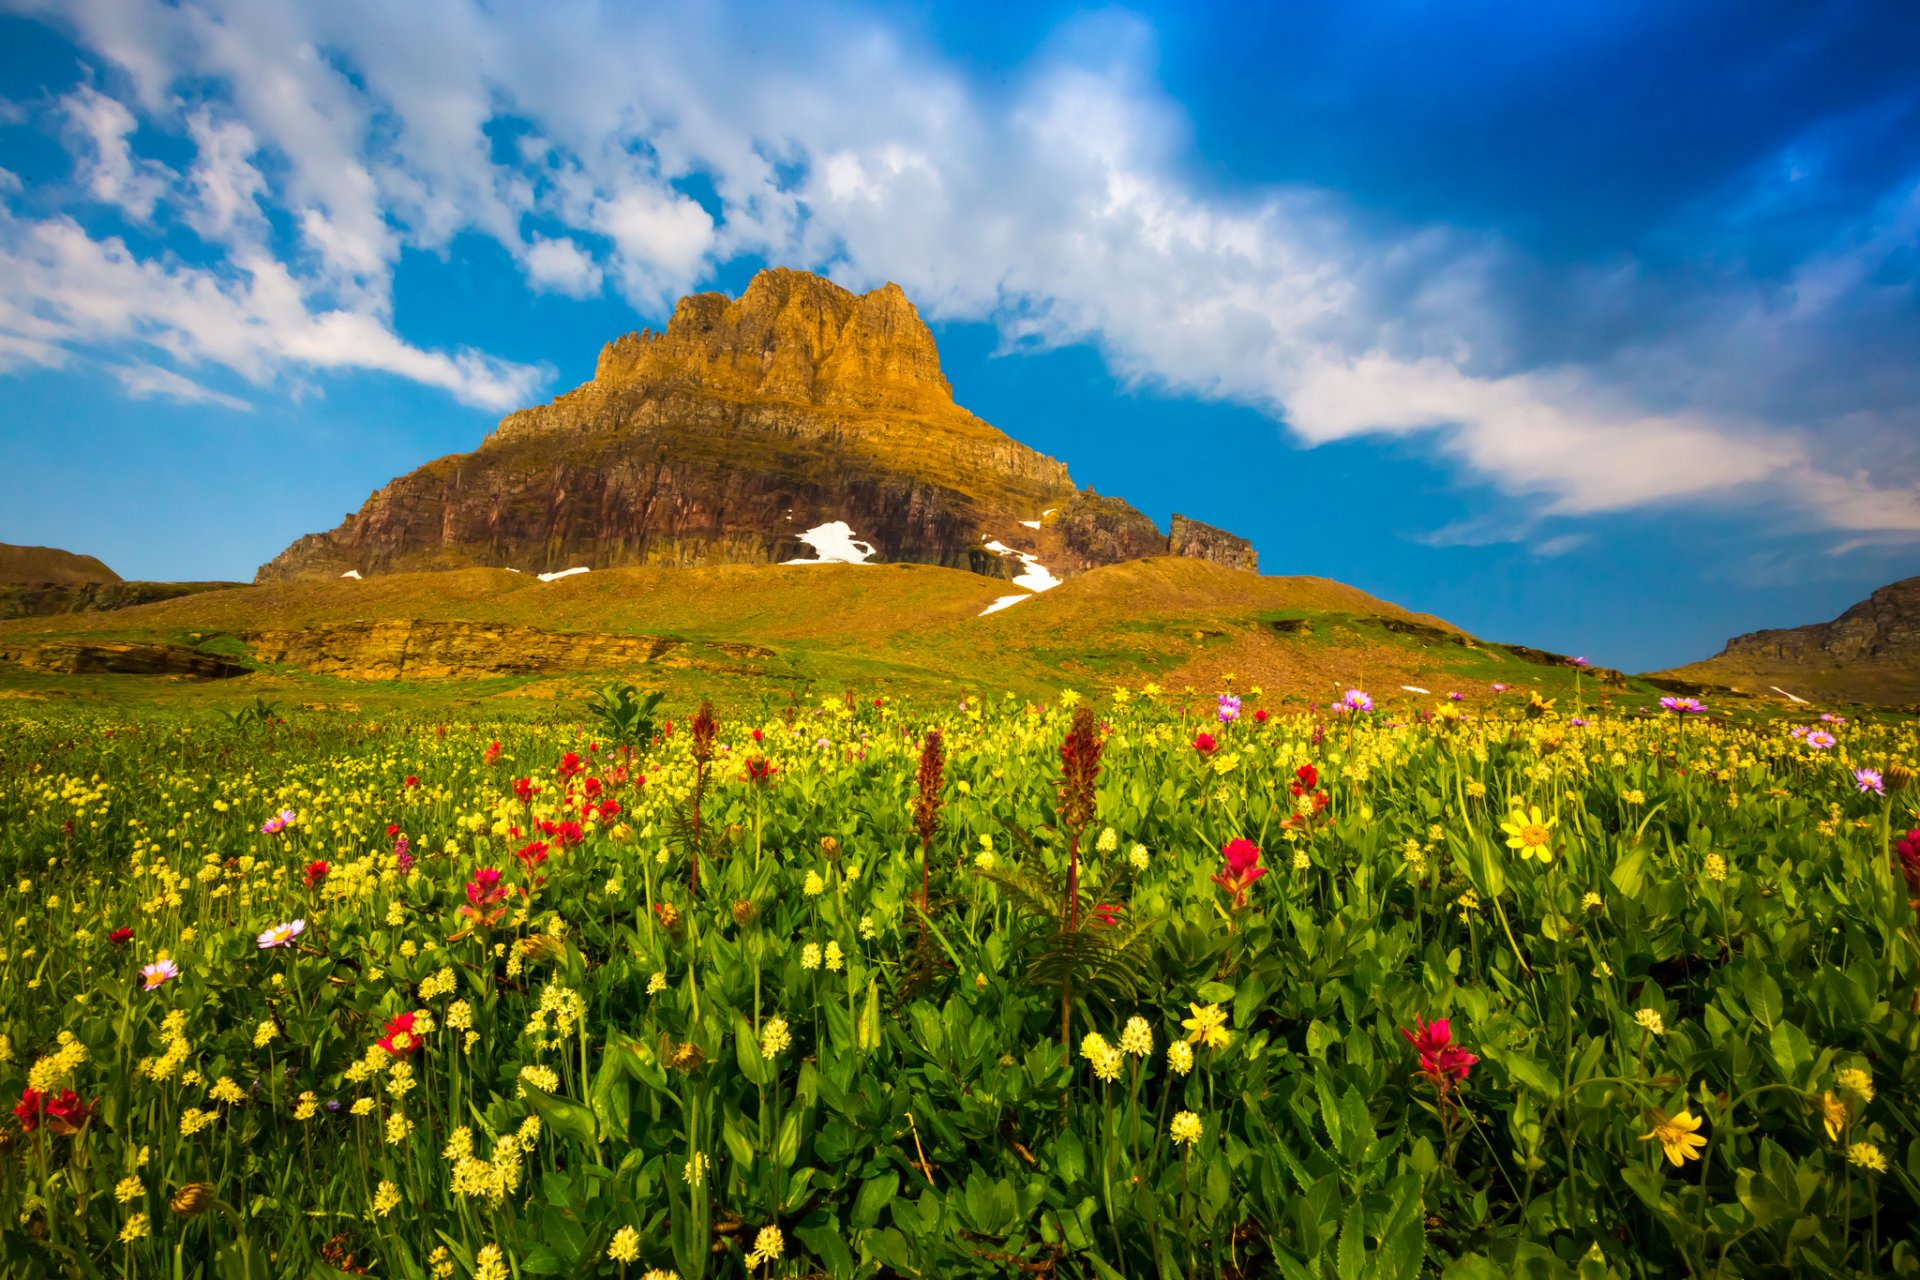 этой цветущие горы картинка показали видео